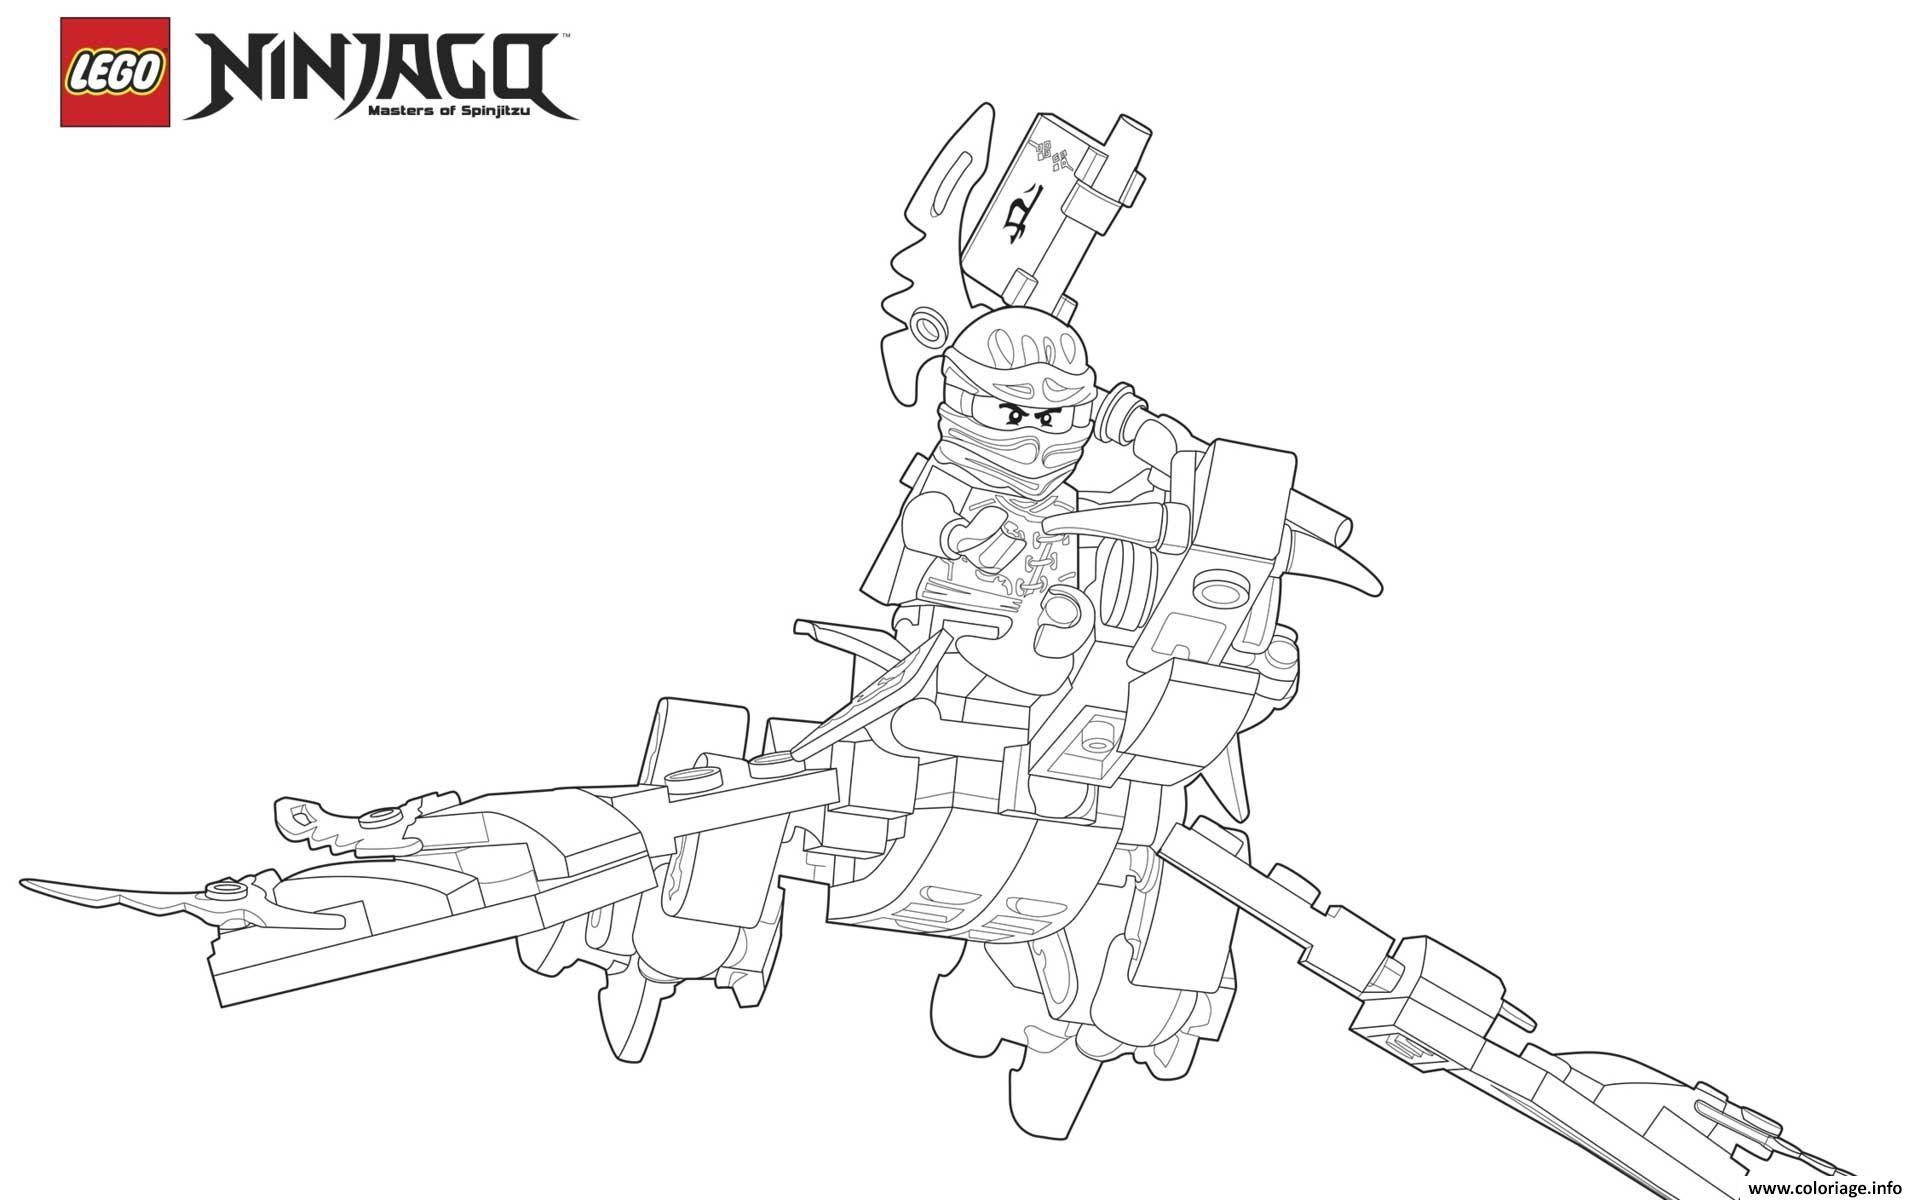 Coloriage ninjago lego sur un dragon qui vole - Ninjago dragon d or ...